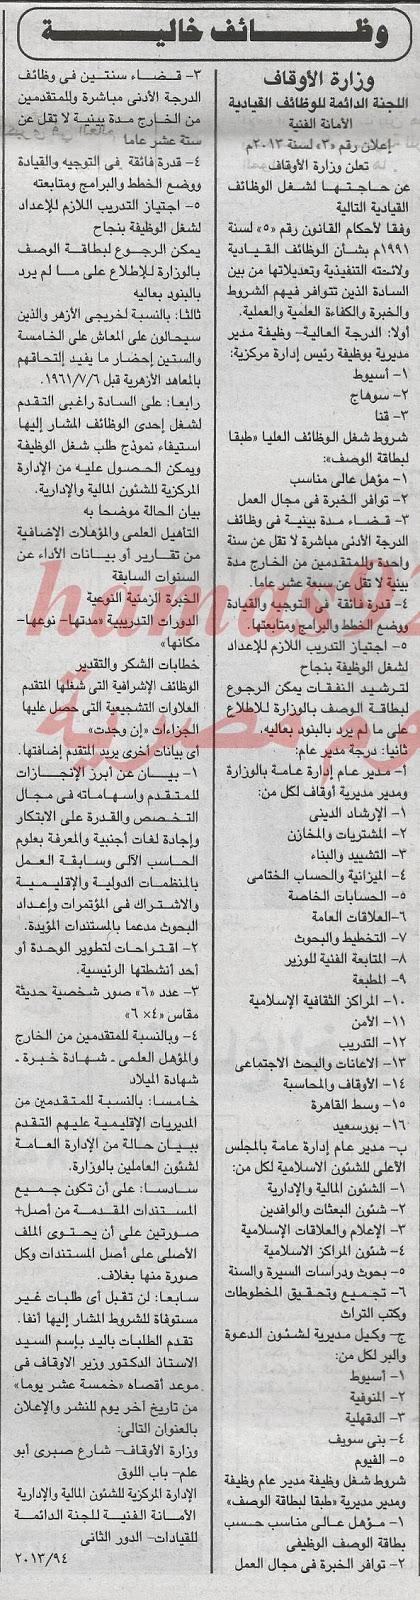 وظائف جريدة الجمهورية اليوم الجمعة 20-12-2013 , وظائف خالية في مصر اليوم 20 ديسمبر 2013